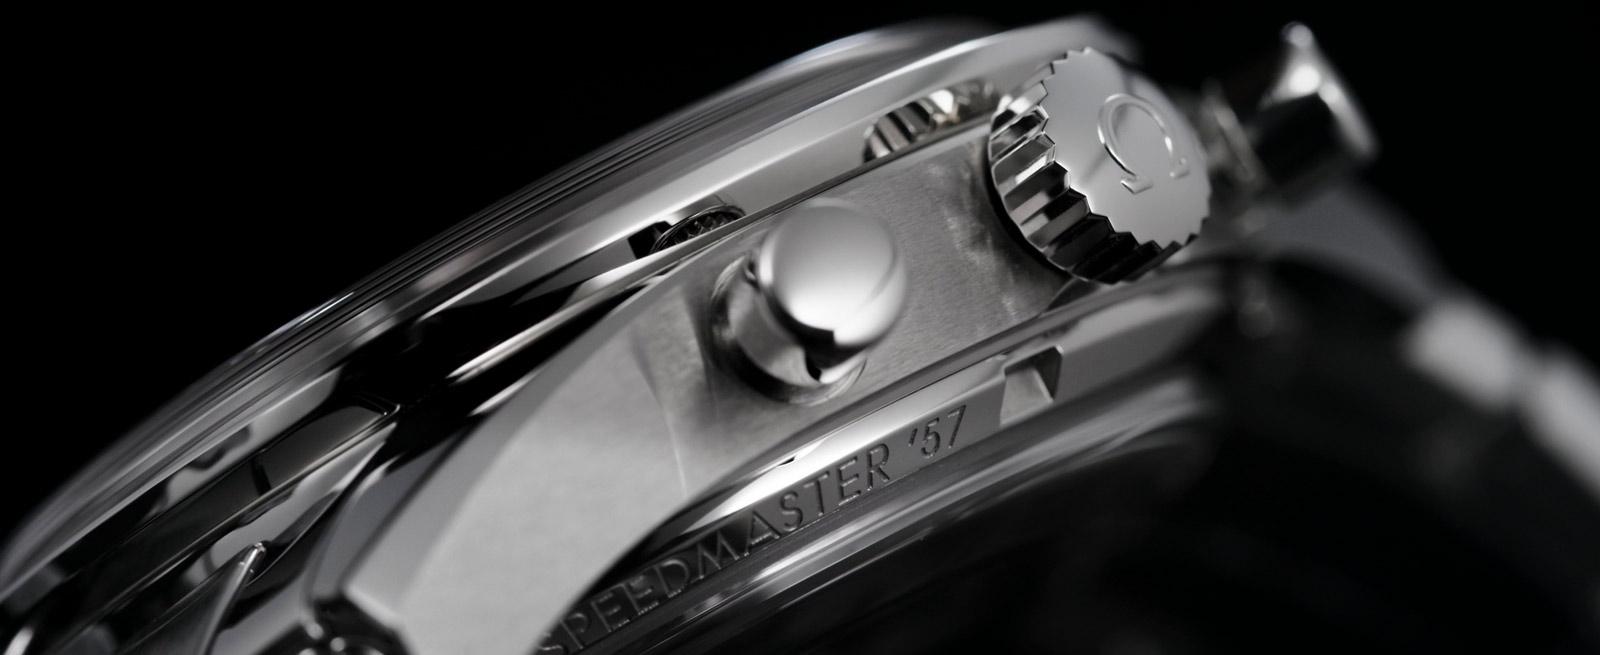 超霸'57腕表 - 背景